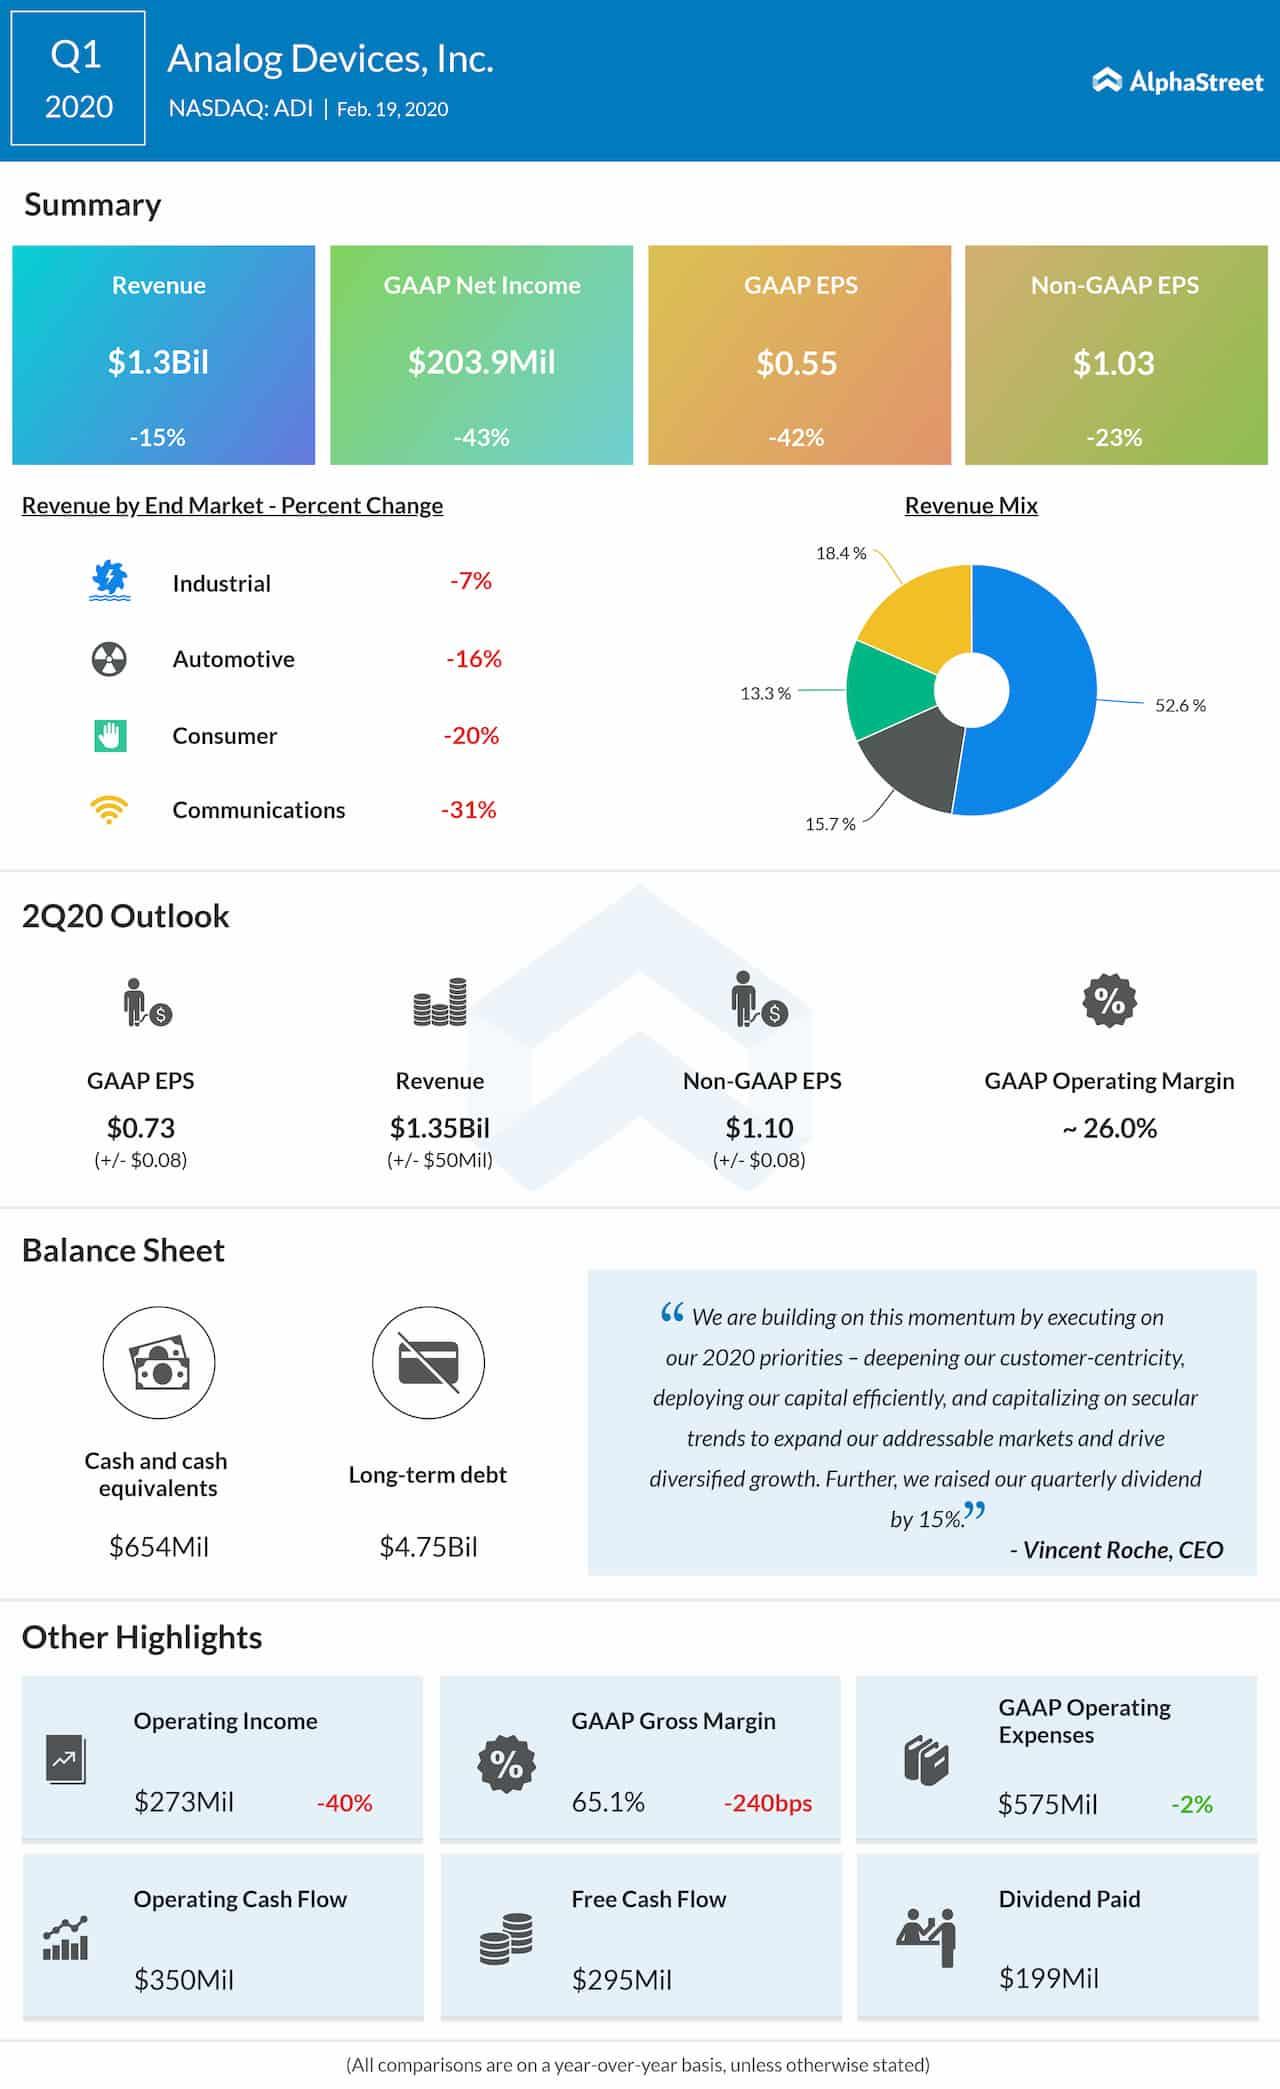 Analog Devices Inc. (NASDAQ: ADI): Q1 2020 Earnings Snapshot